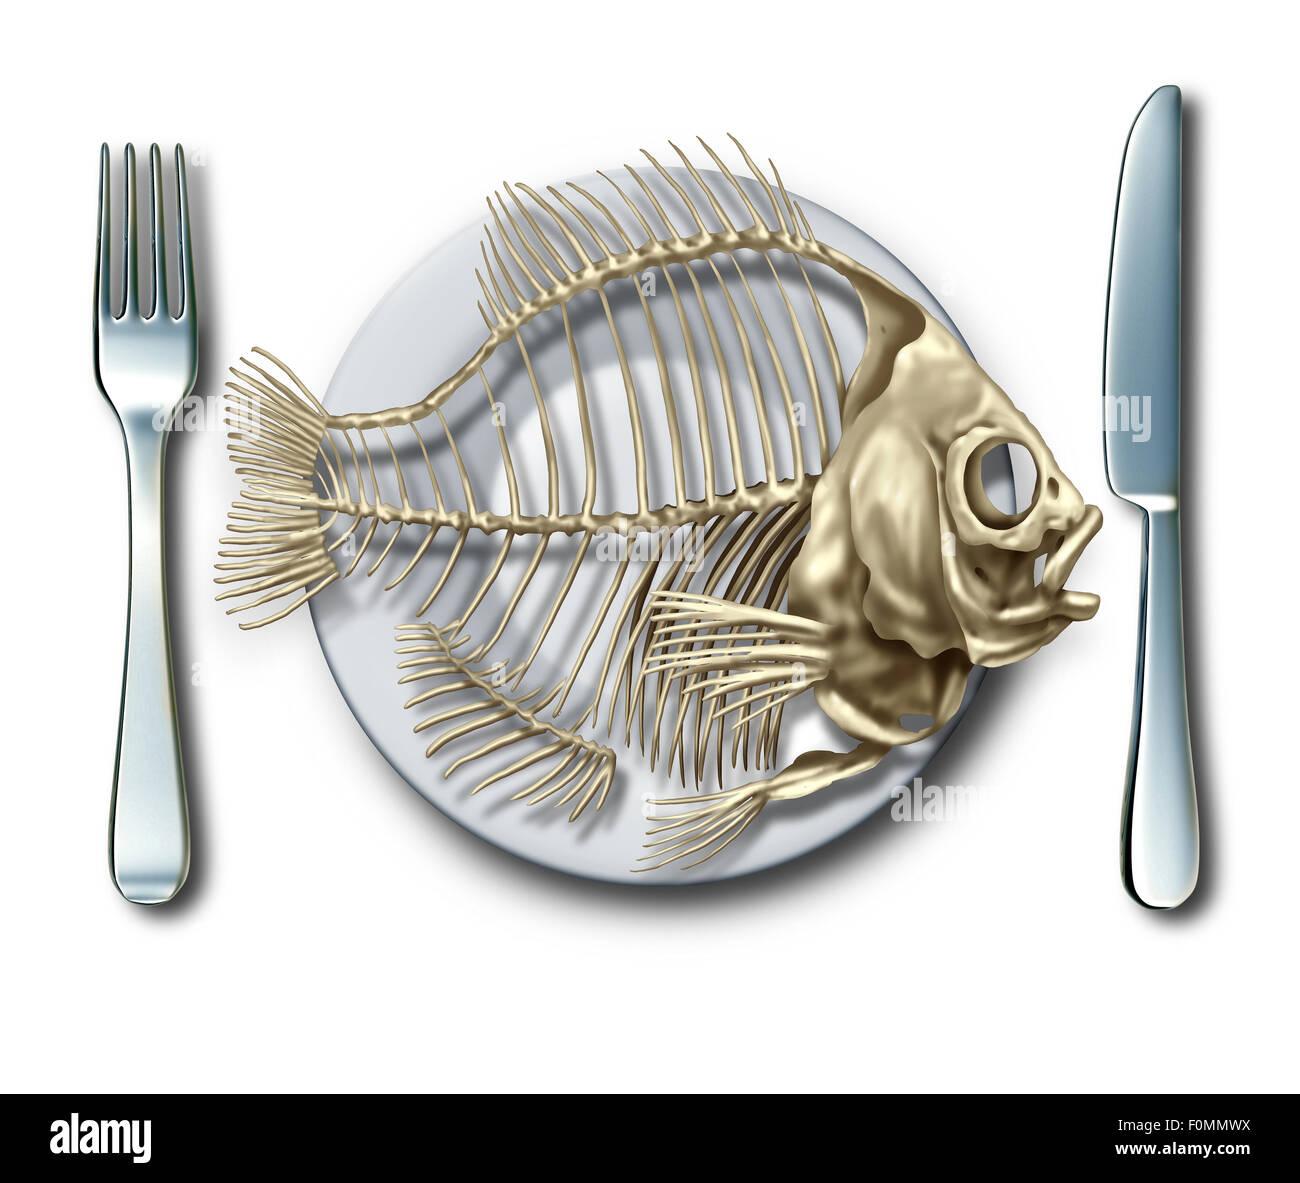 Per il concetto di osso mangiare pesce o bancarotta idea come luogo di impostazione con una forchetta e coltello Immagini Stock